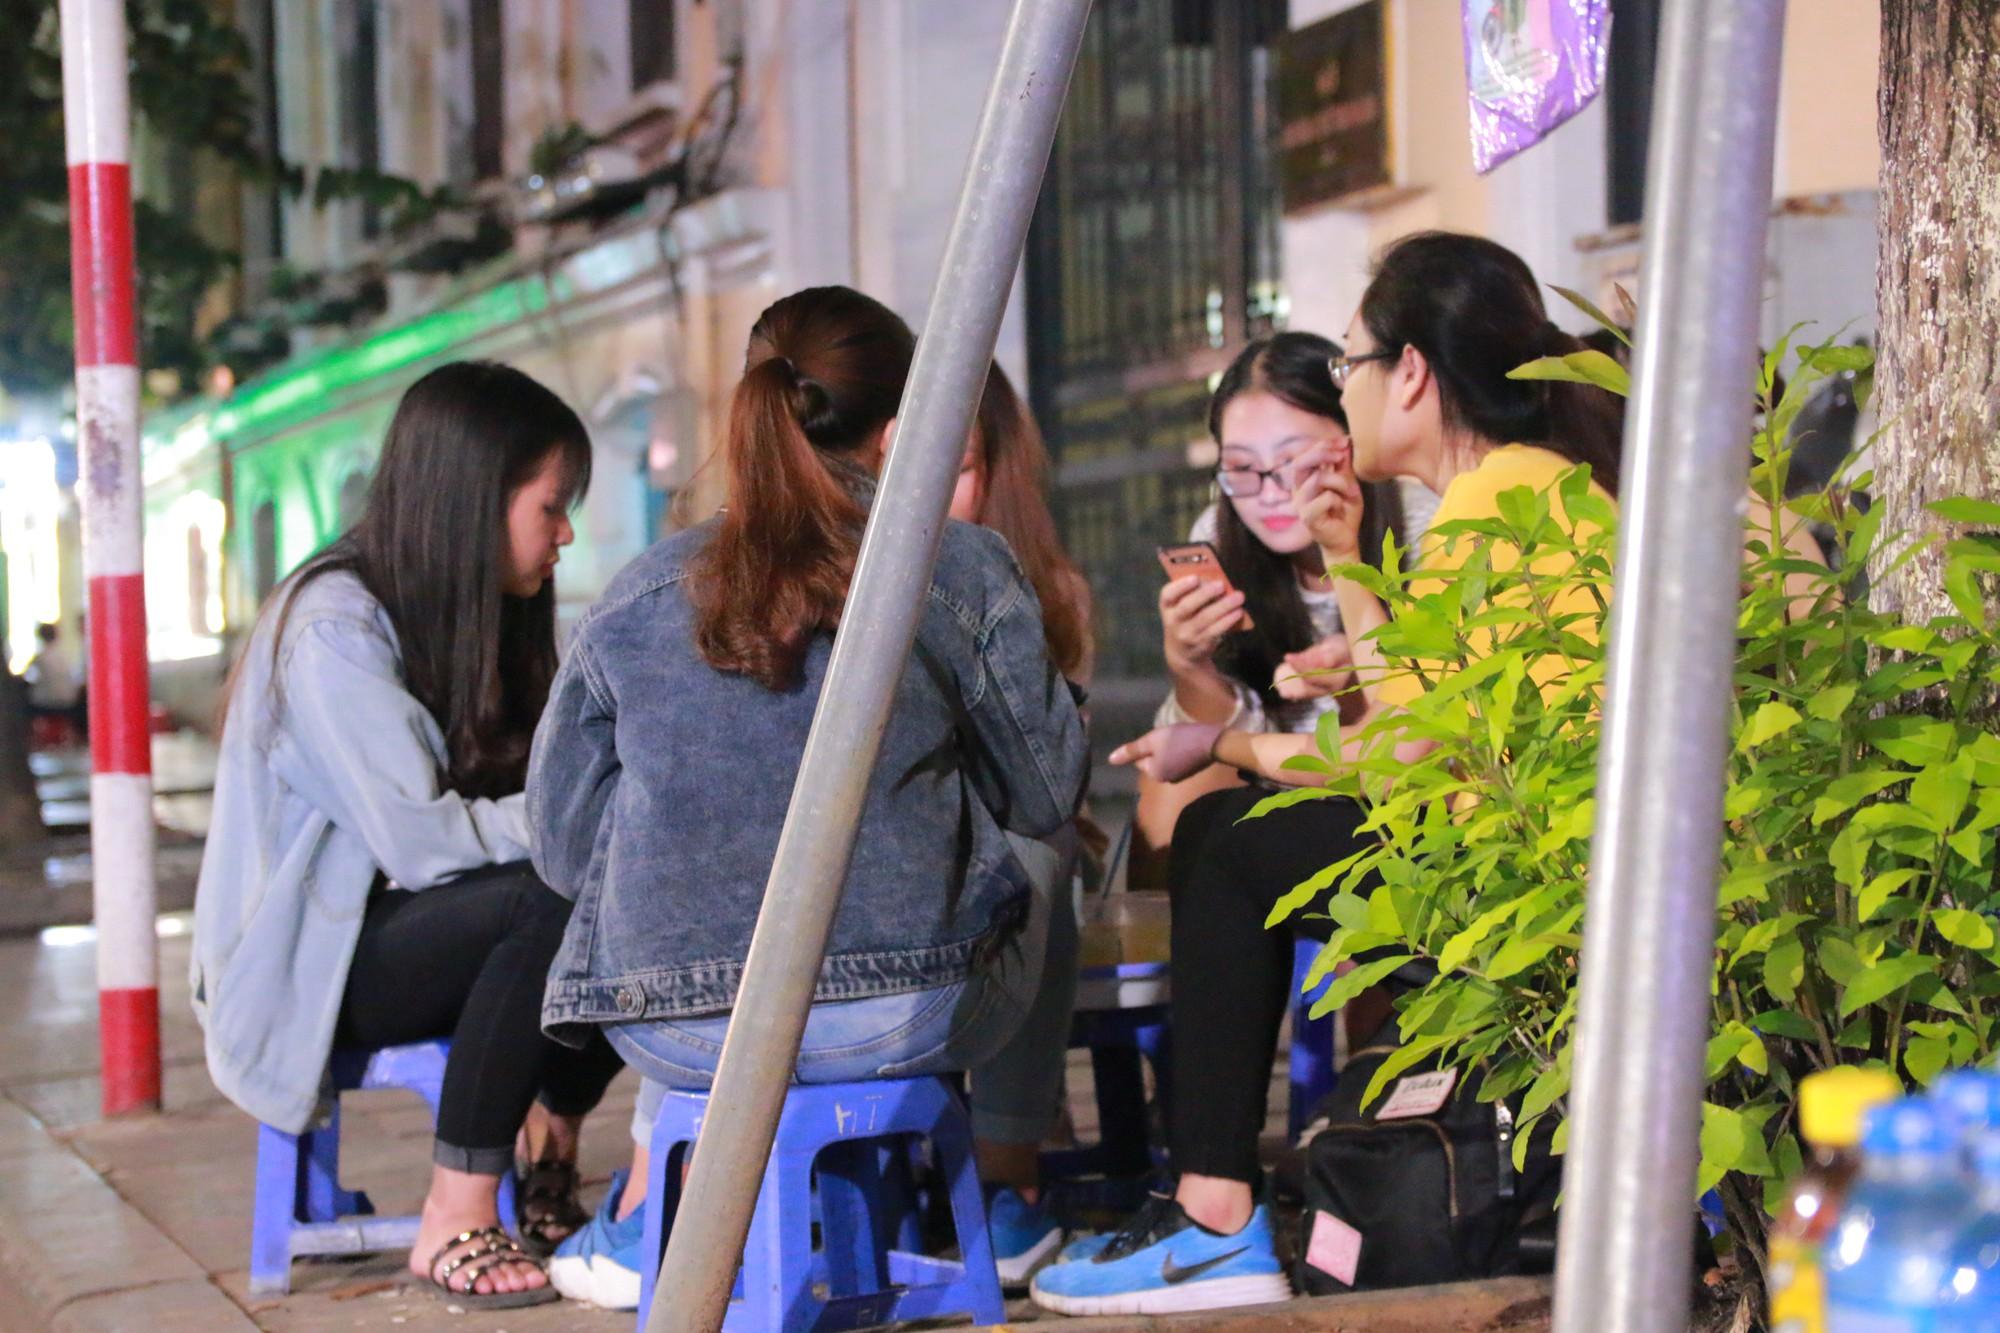 Nhiệt độ Hà Nội đột ngột giảm mạnh, người dân mặc áo ấm ra đường - Ảnh 11.